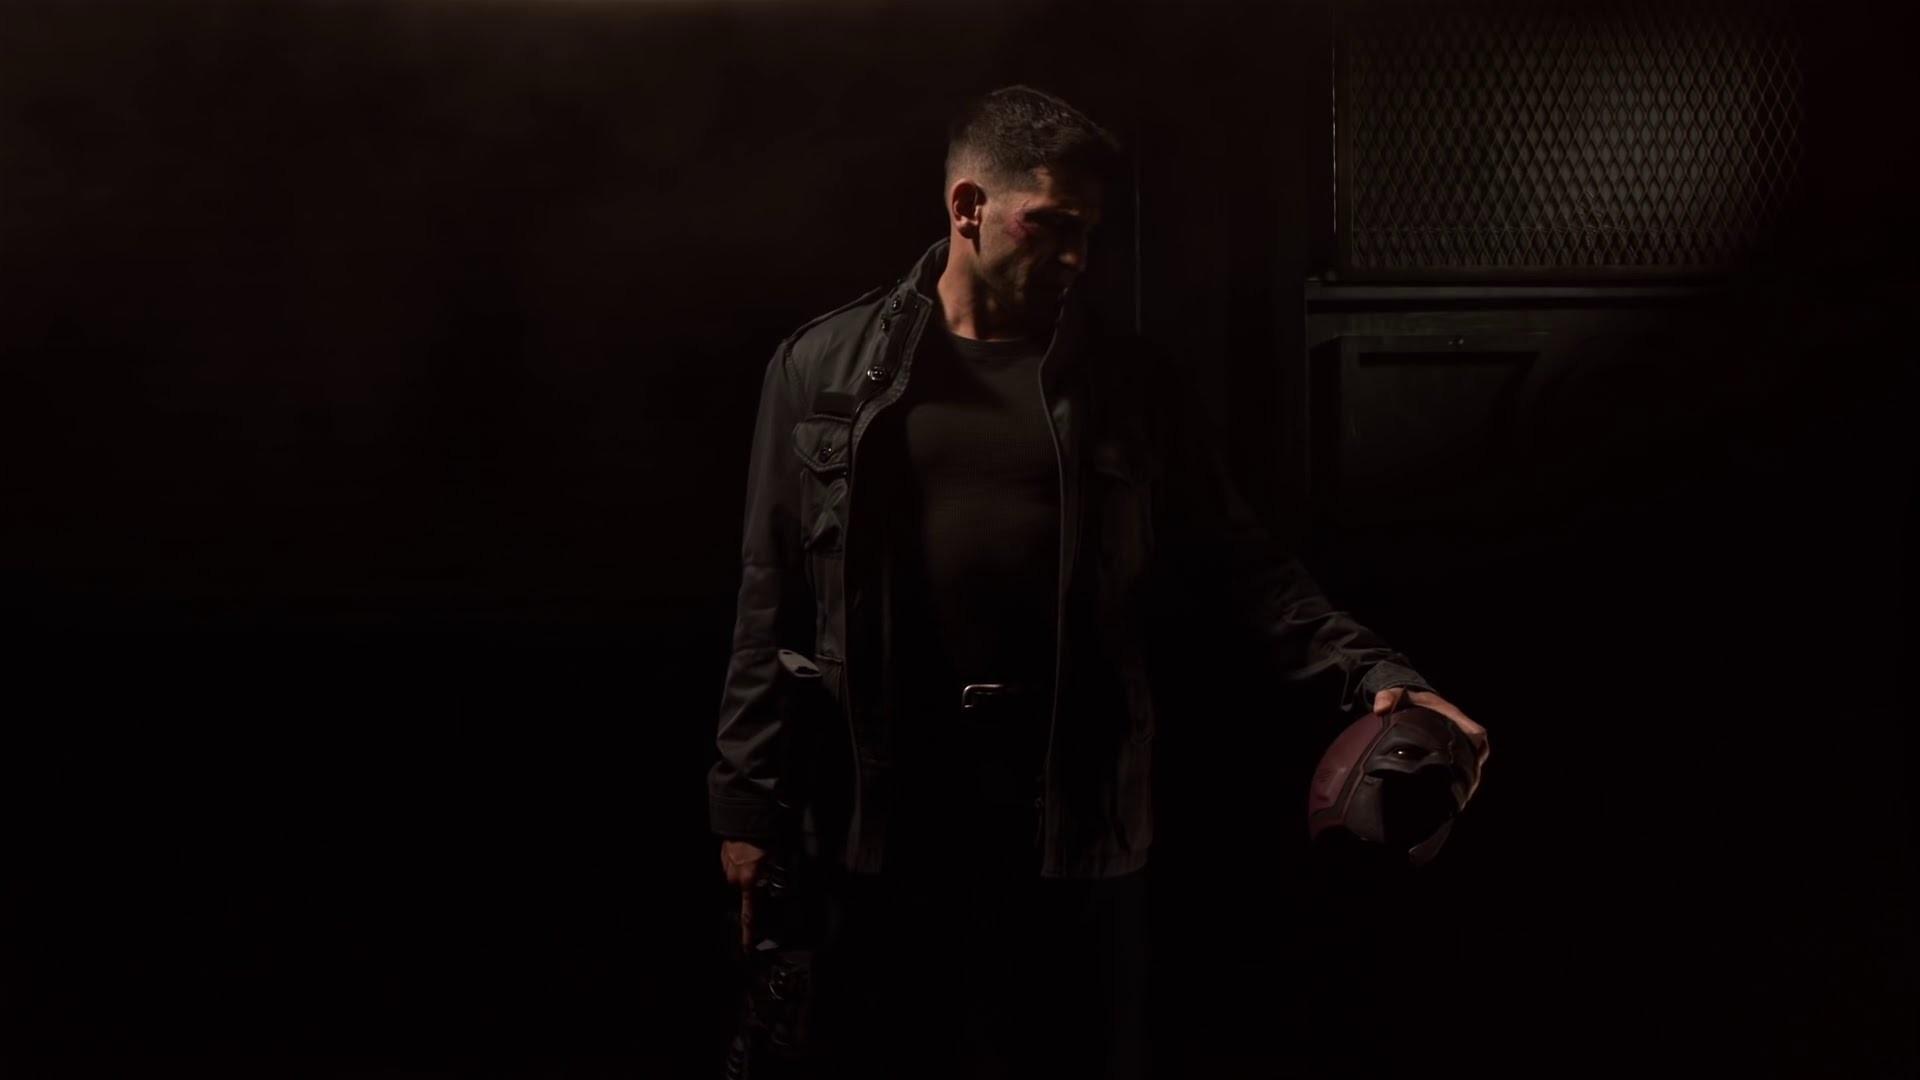 Daredevil (Netflix) images Frank Castle/Punisher HD wallpaper and .